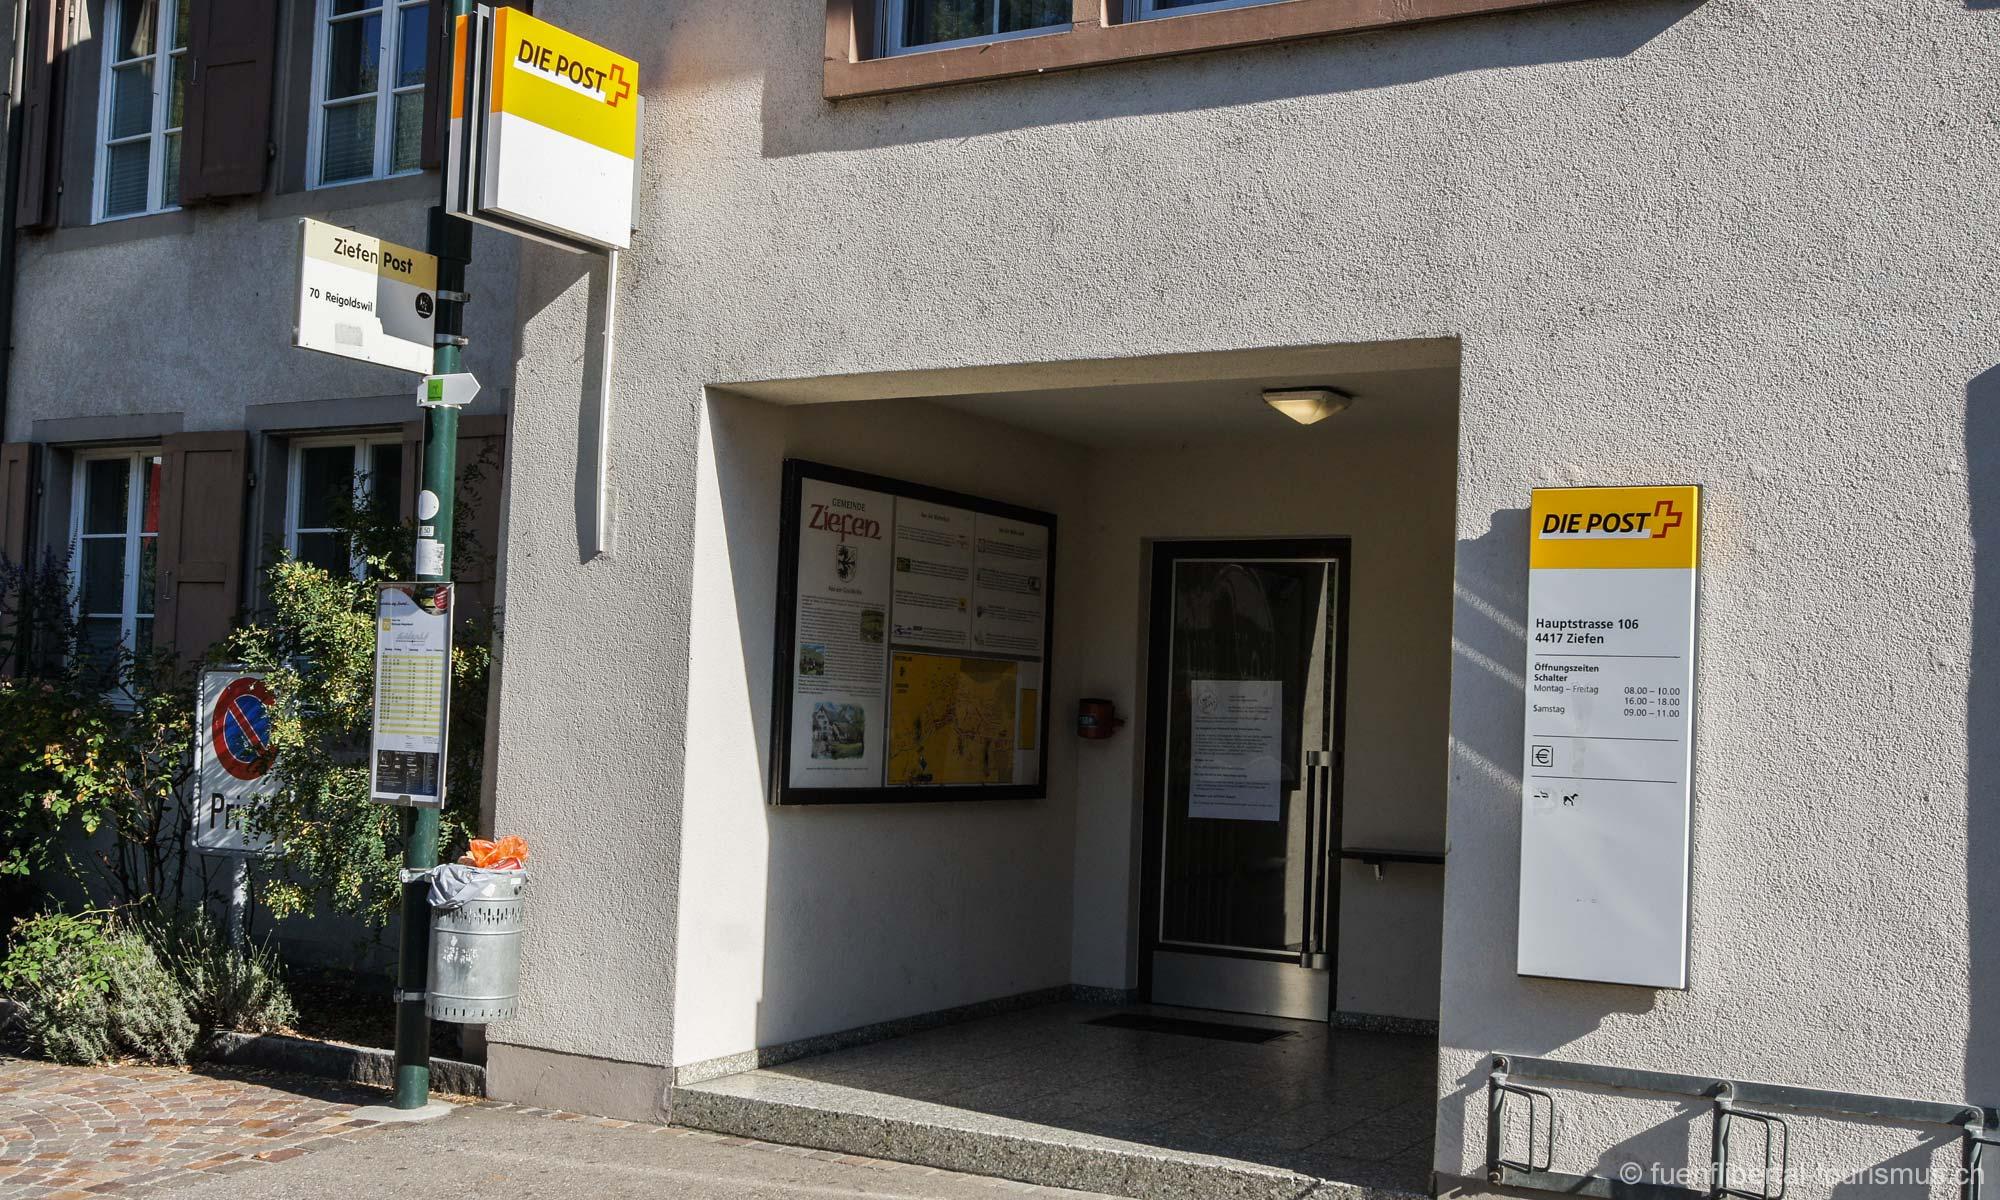 Ziefner Poststelle wird nach 138 Jahren geschlossen